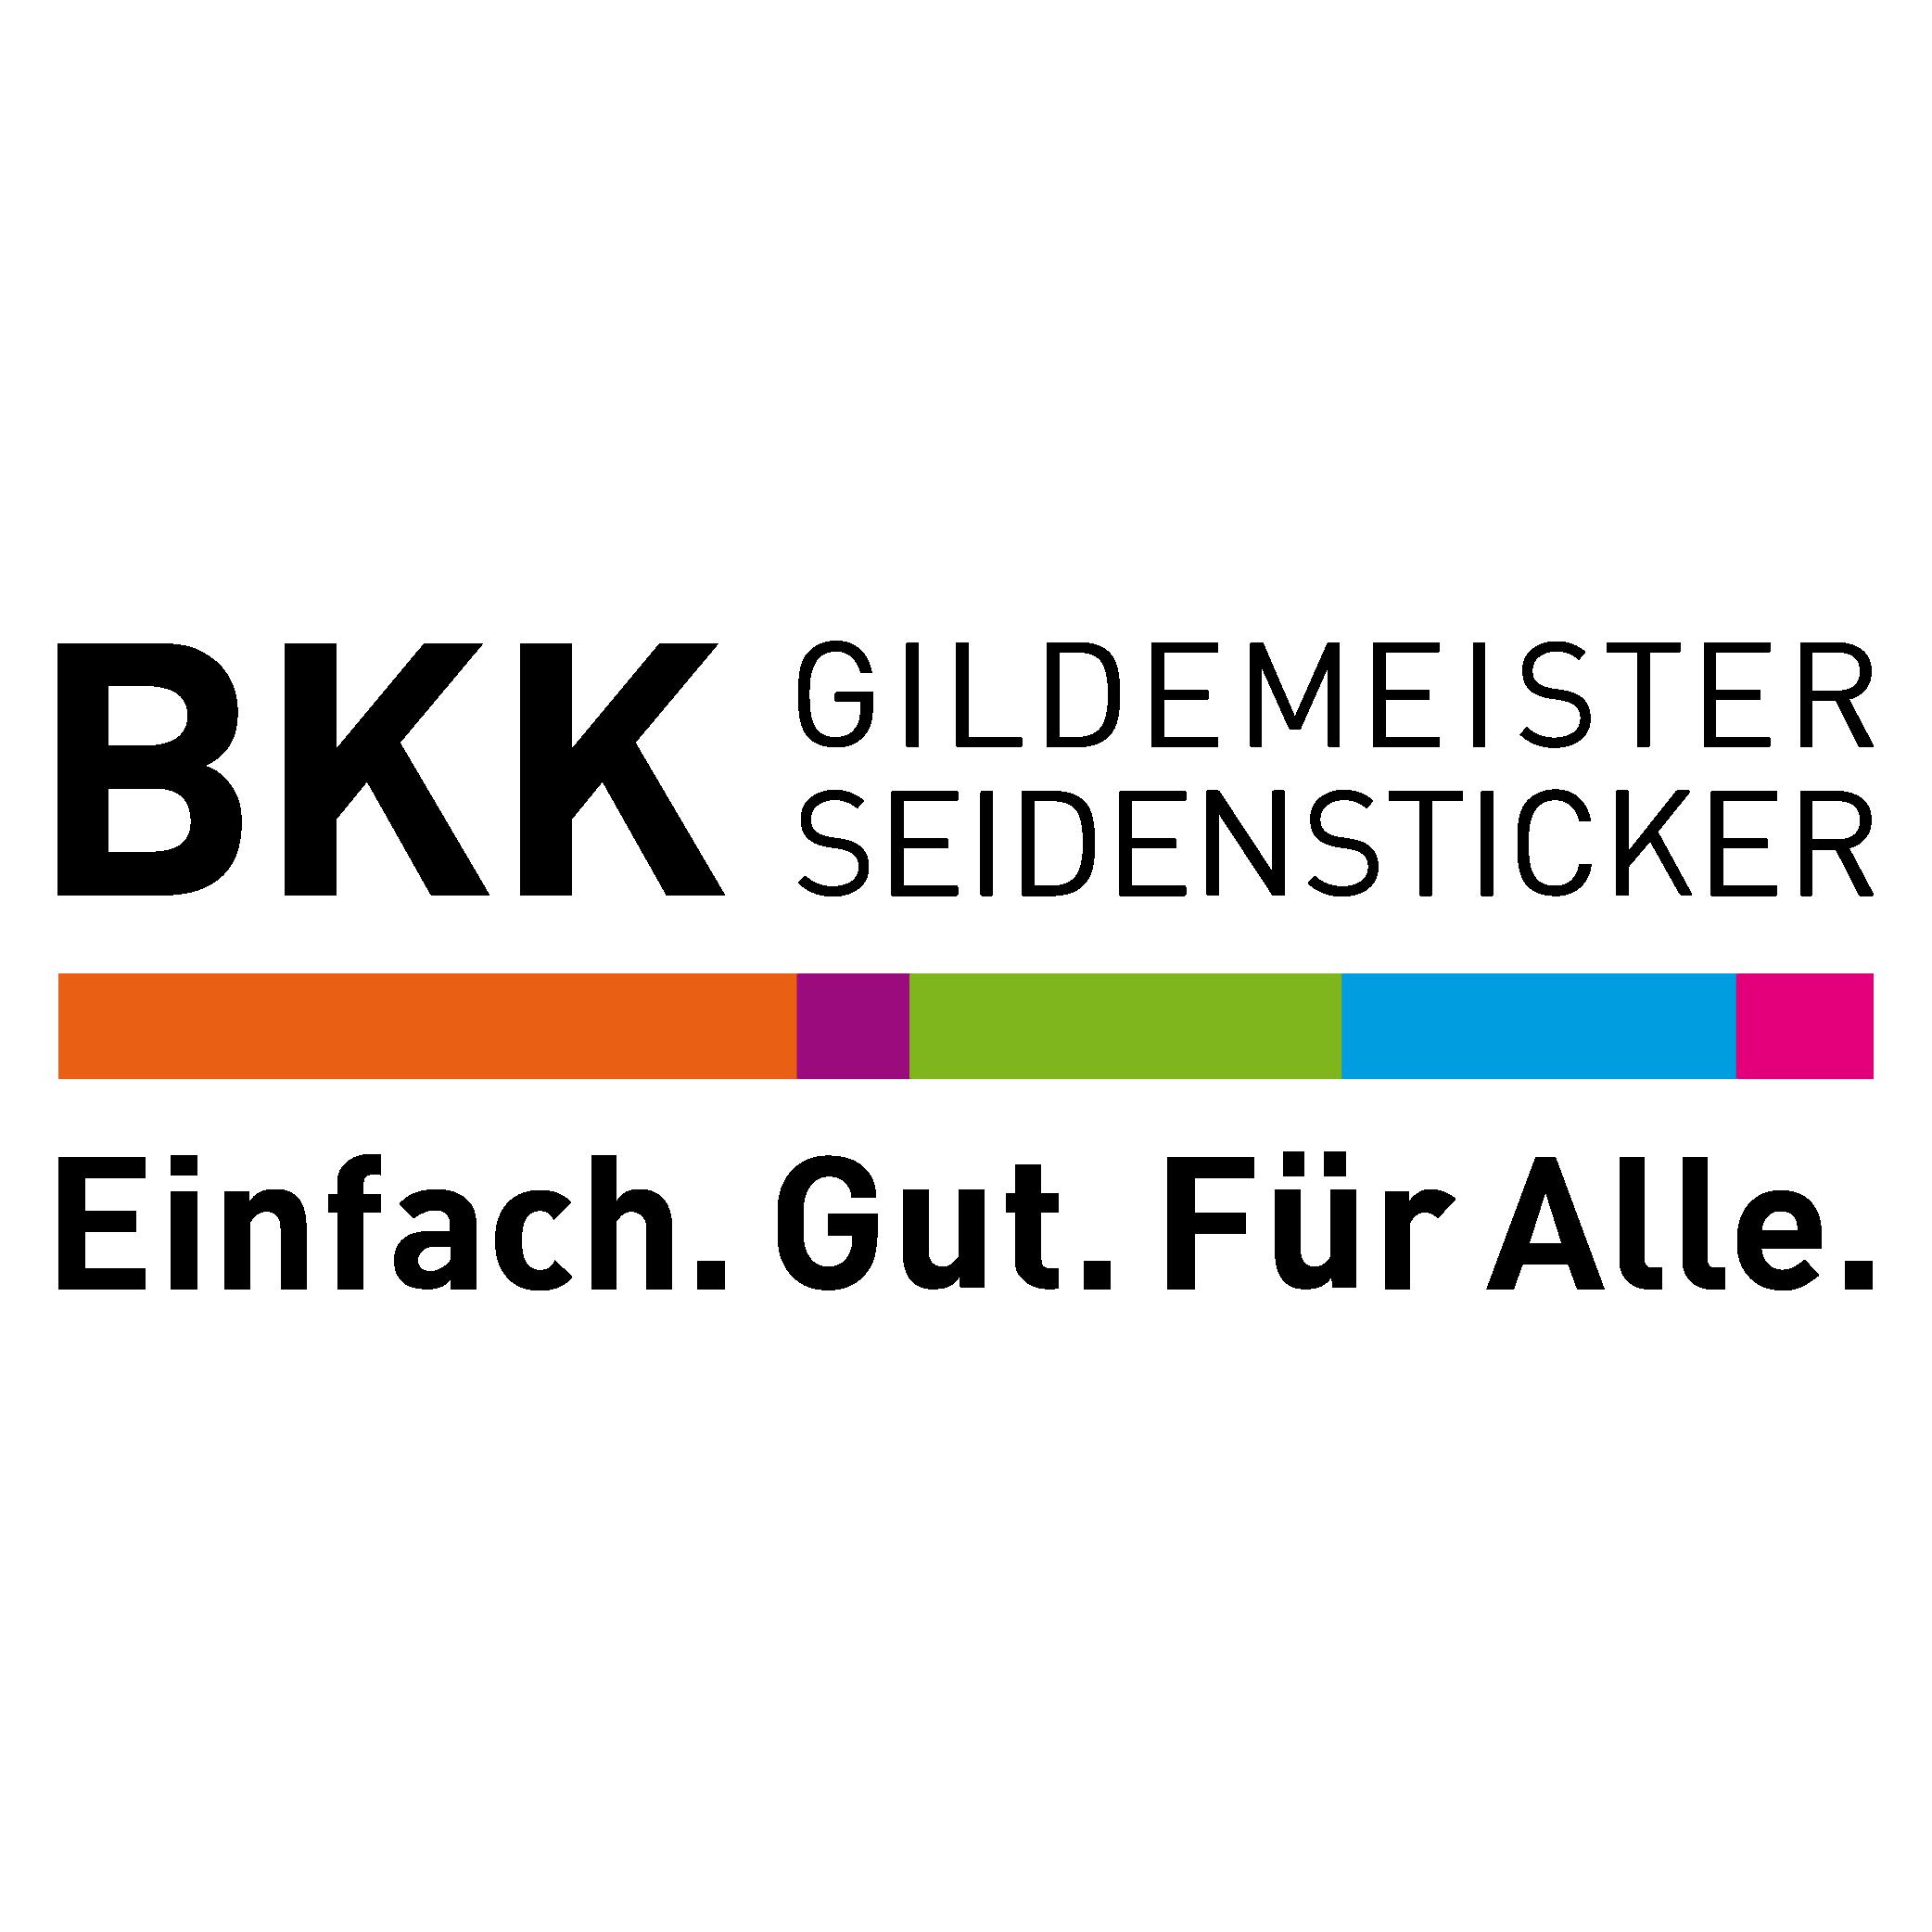 Markenzeichen der BKK GILDEMEISTER SEIDENSTICKER